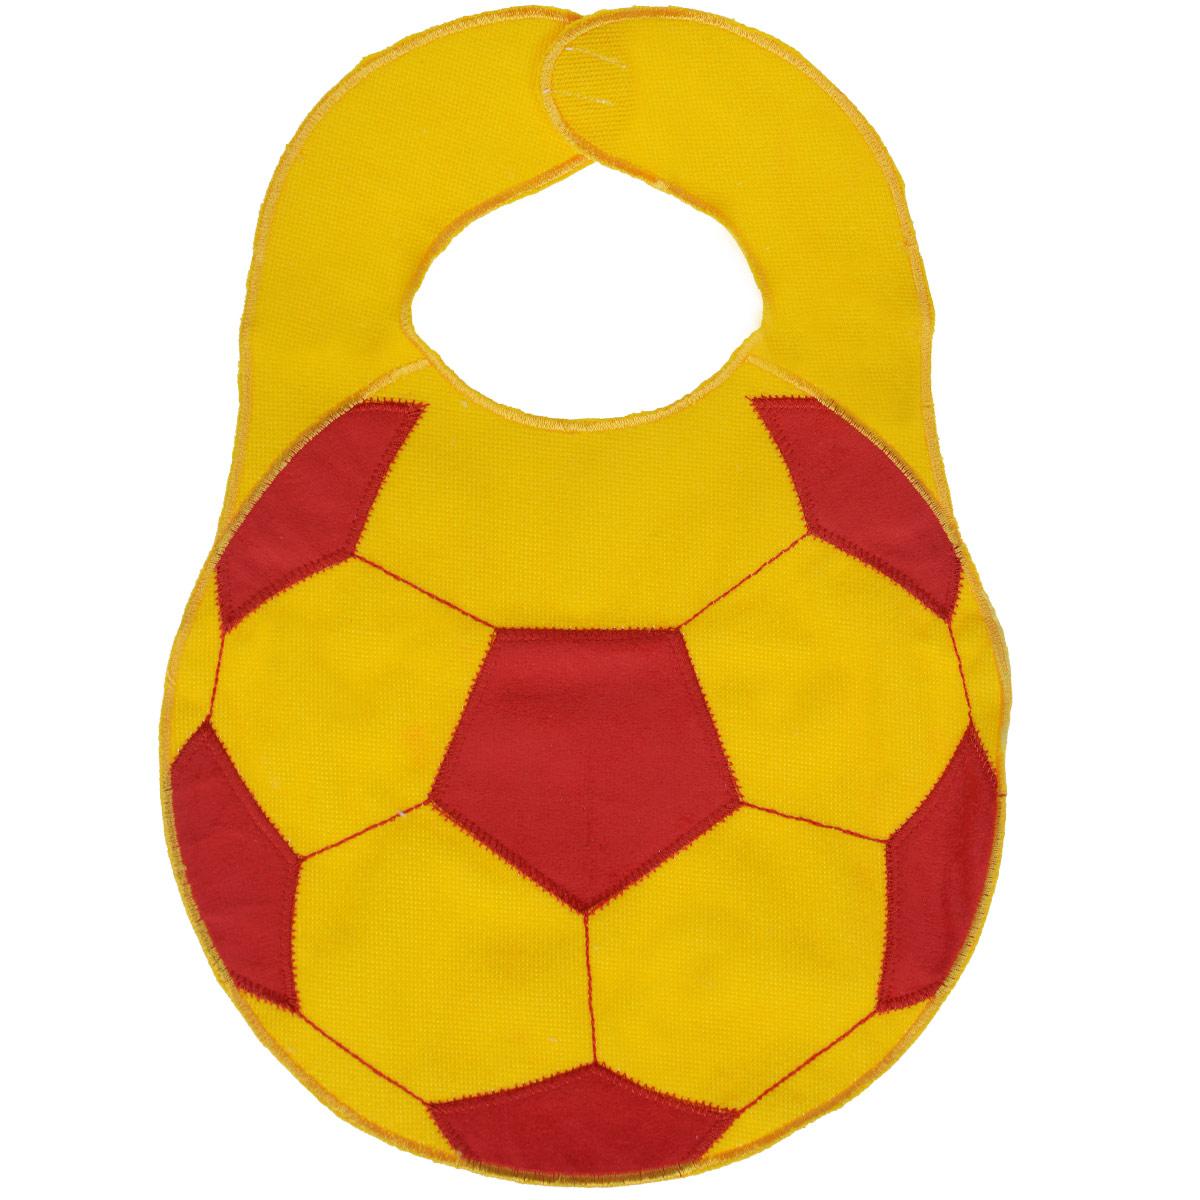 Нагрудник Sevi Baby Футбольный мяч, цвет: желтый, красный, 23 см х 32 см